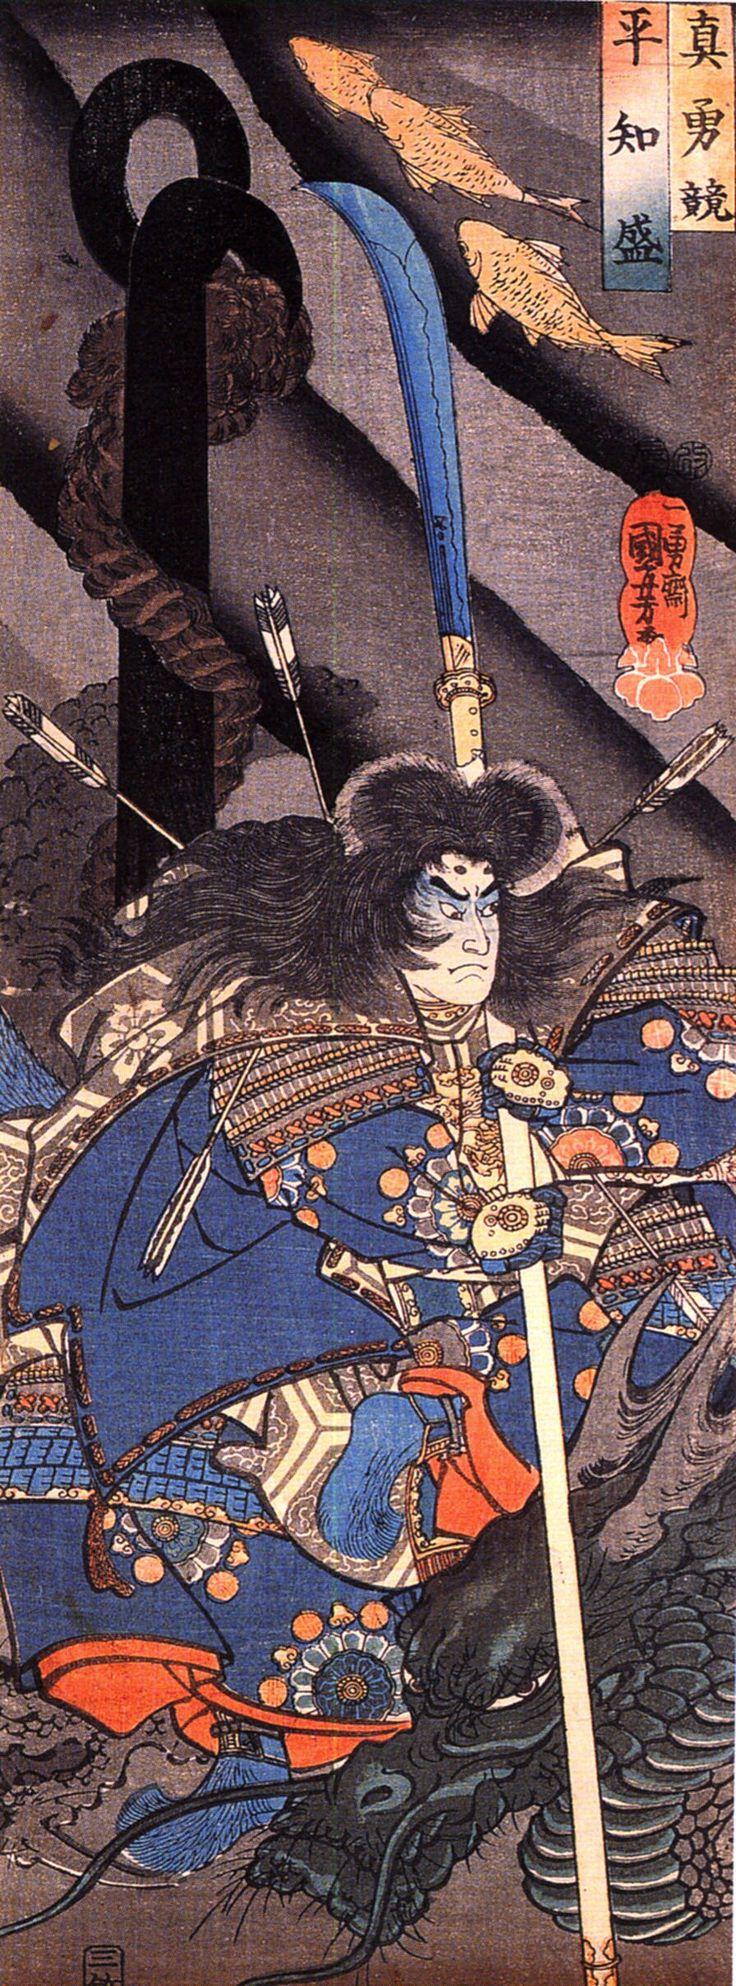 .;. Taira Tomomori and a Sea Dragon by Utagawa Kuniyoshi